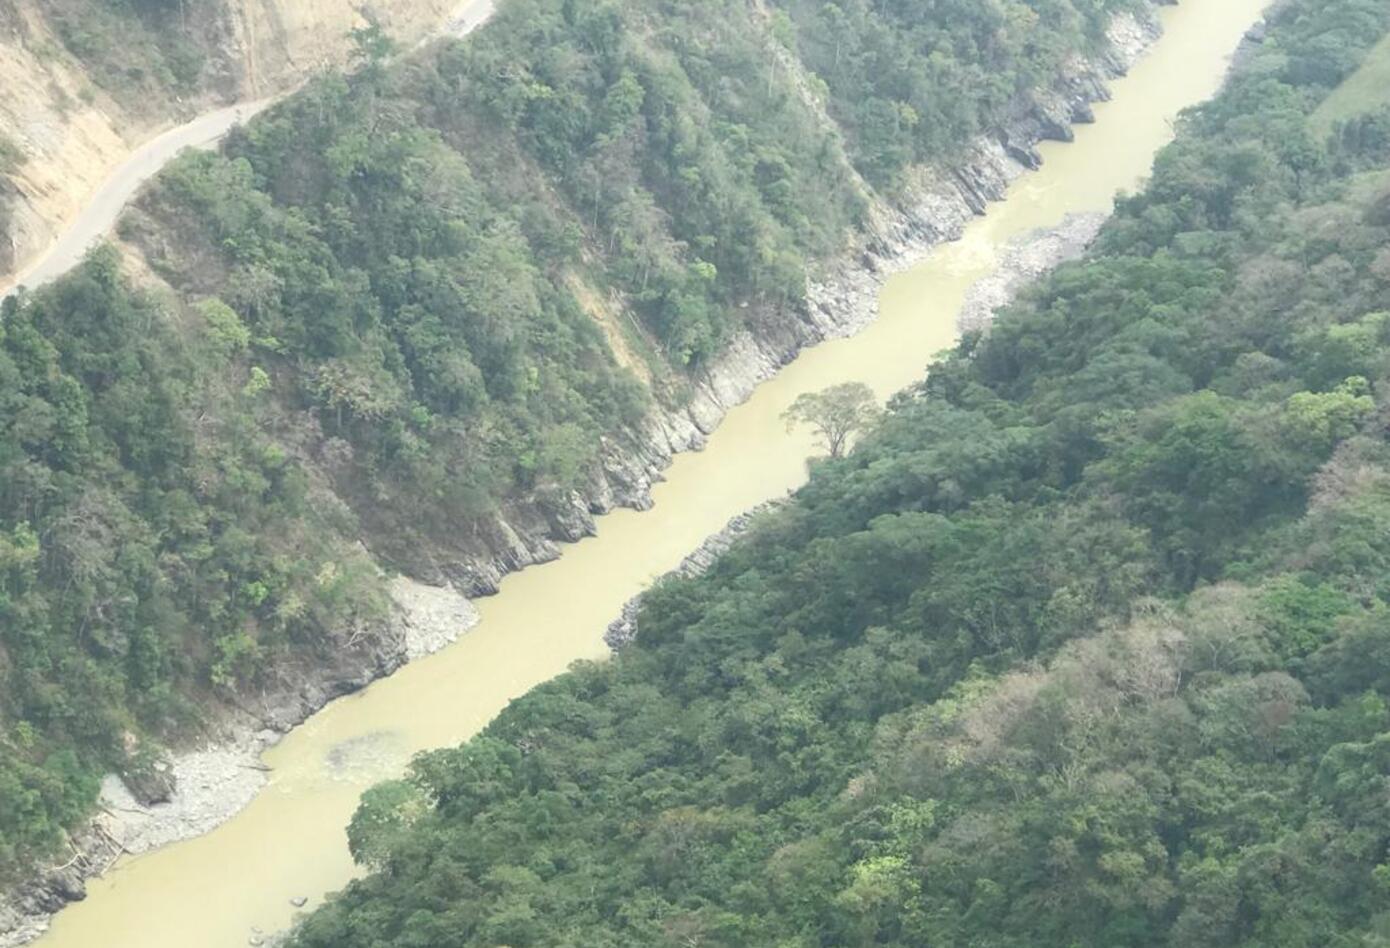 Contraloría evidencia bajos niveles de agua en Río Cauca